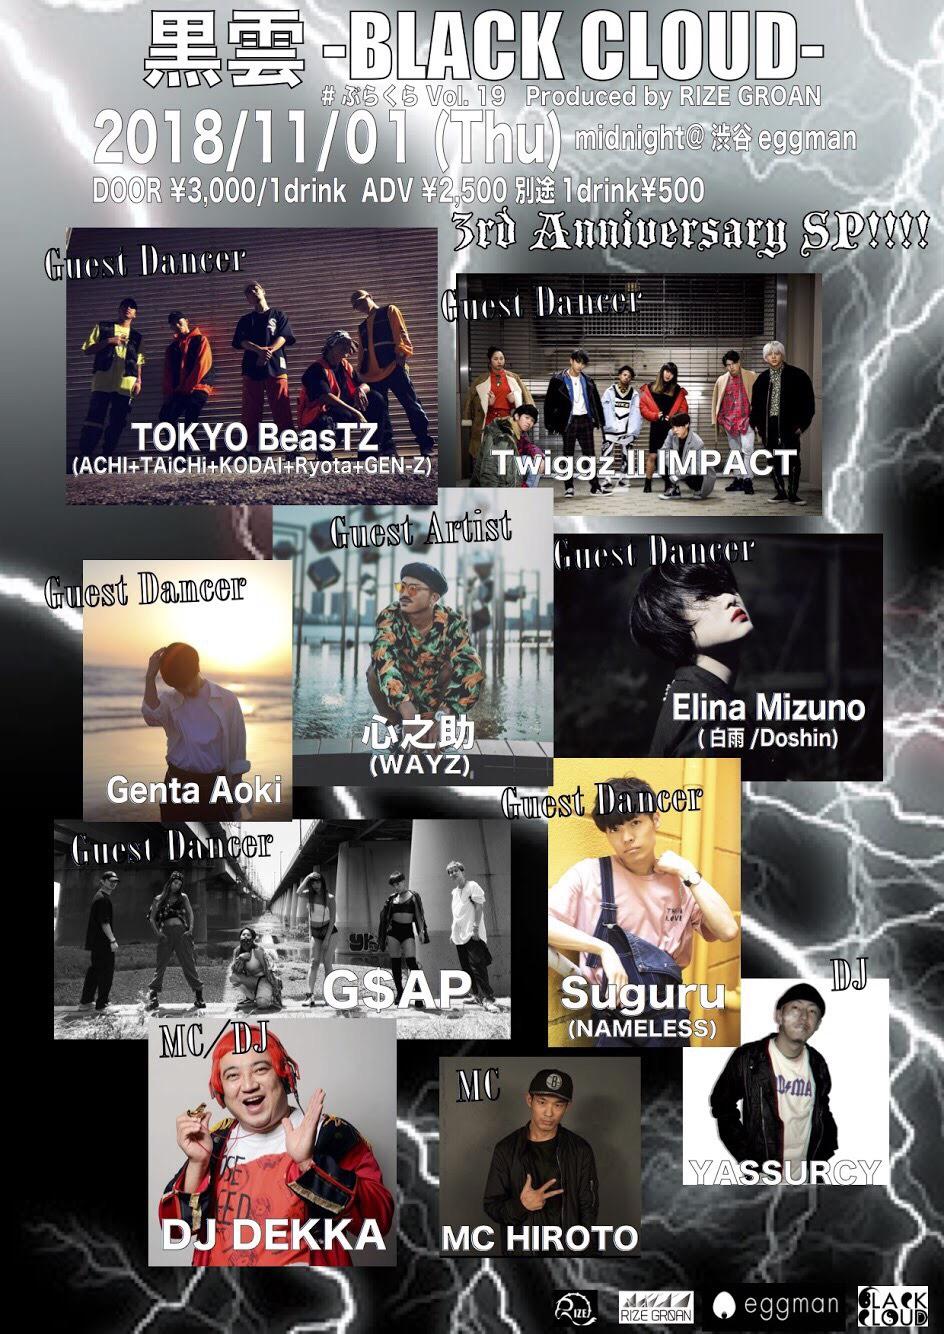 黒雲-BLACK CLOUD-  #ぶらくら Vol. 19<br>3rd Anniversary SP!!!! Produced by RIZE GROAN